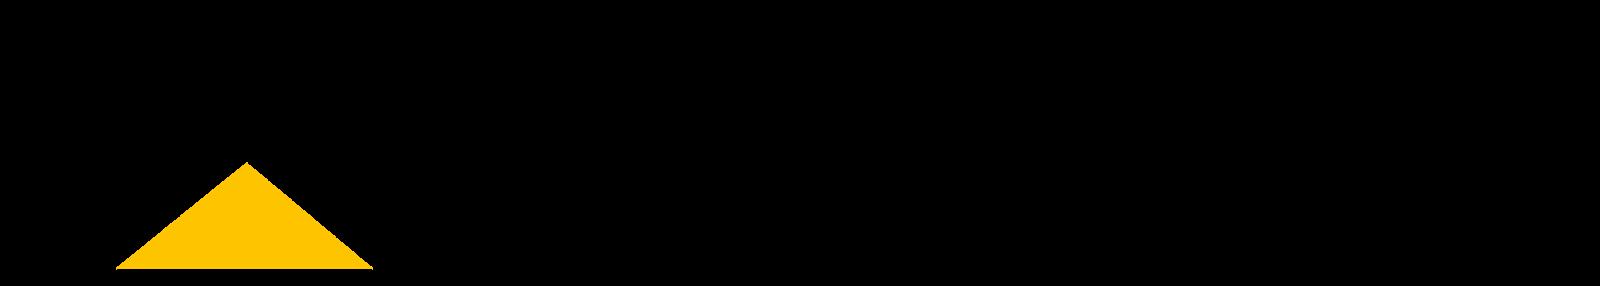 Resultado de imagen de caterpillar